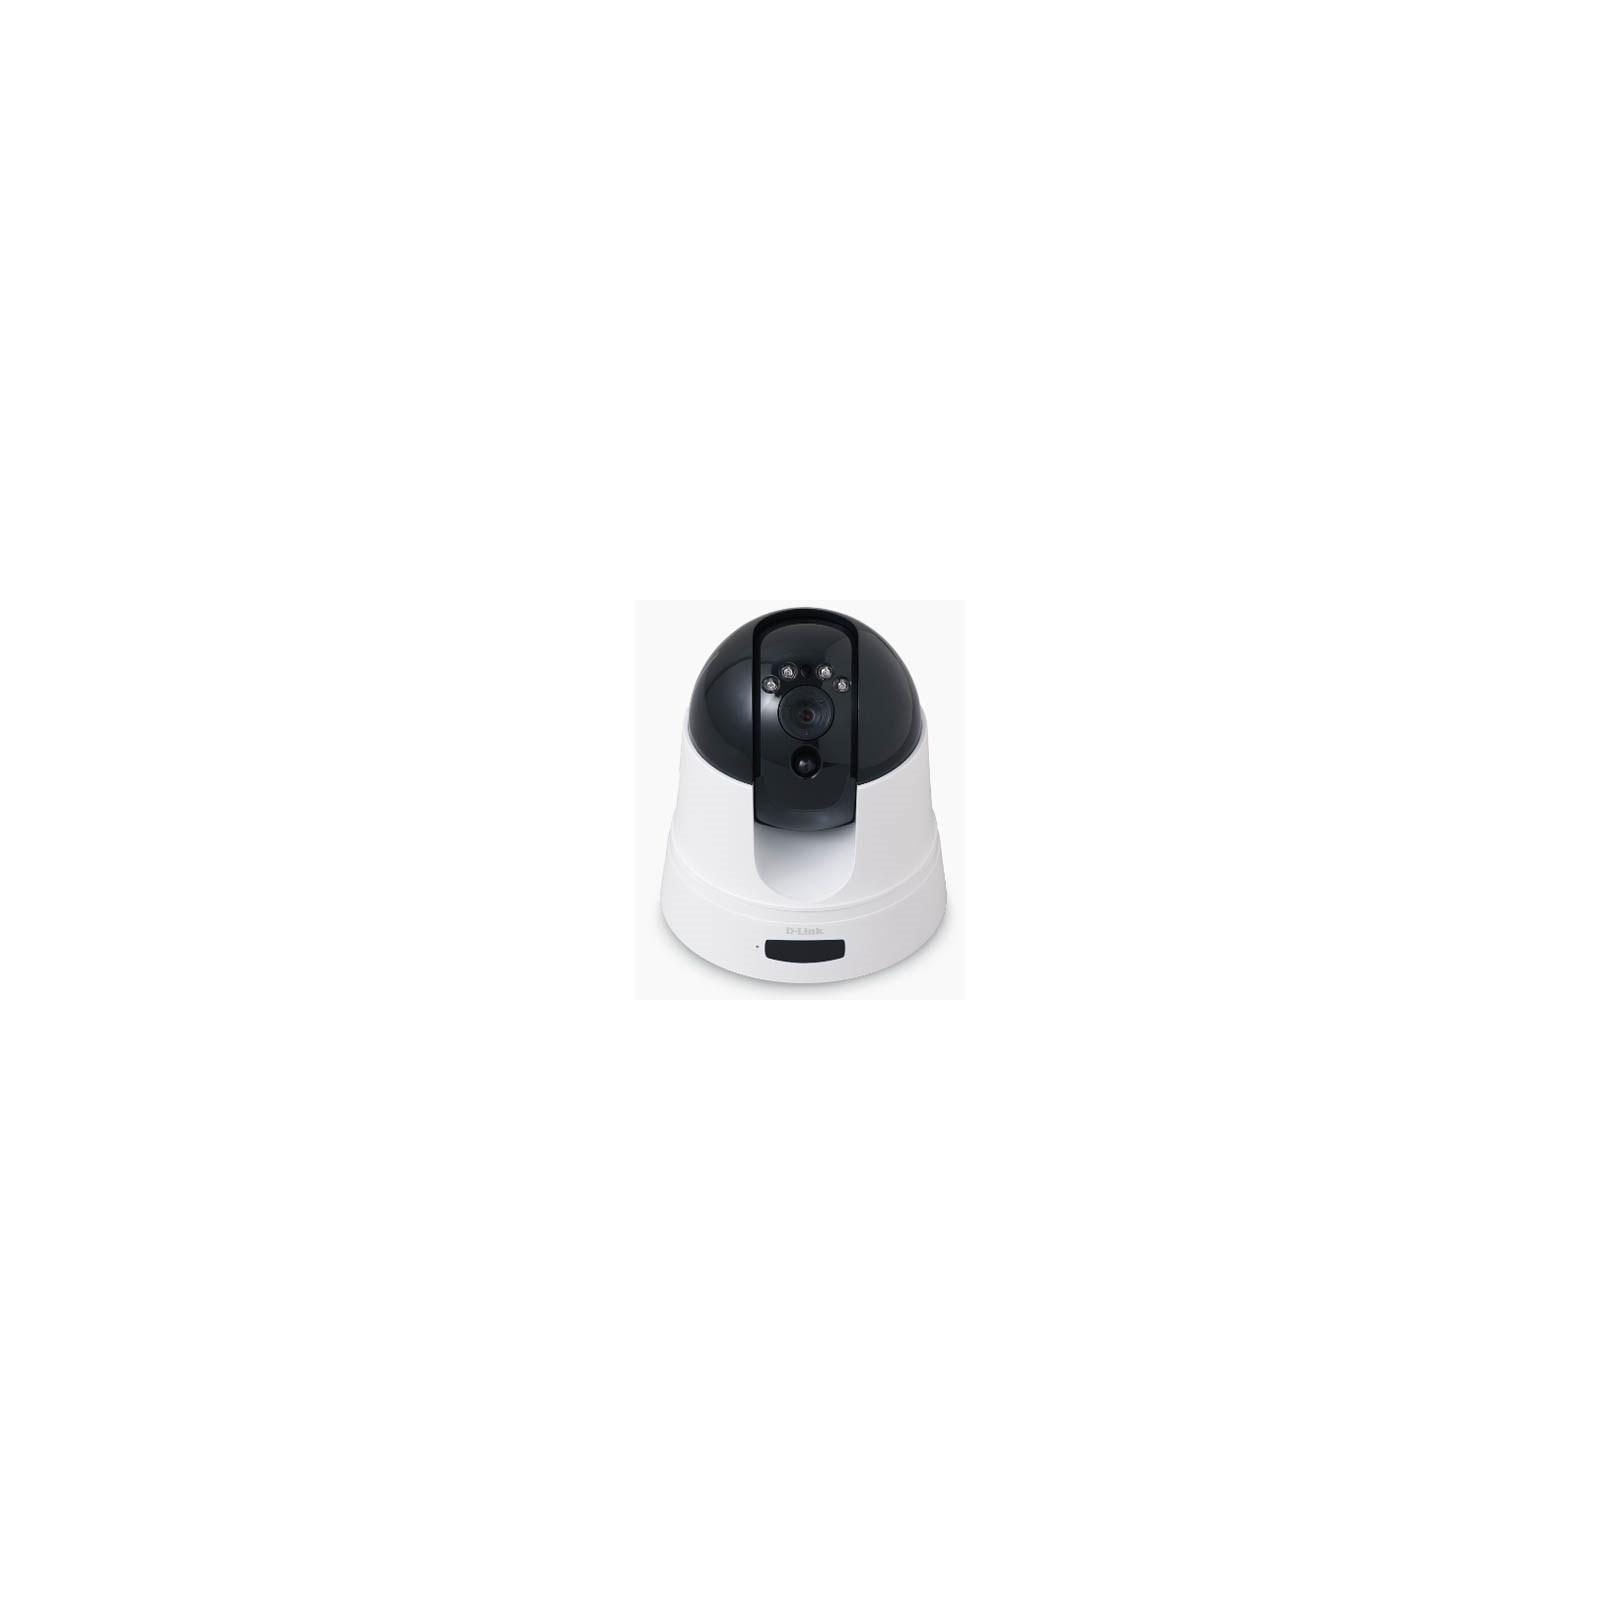 Сетевая камера D-Link DCS-5222L